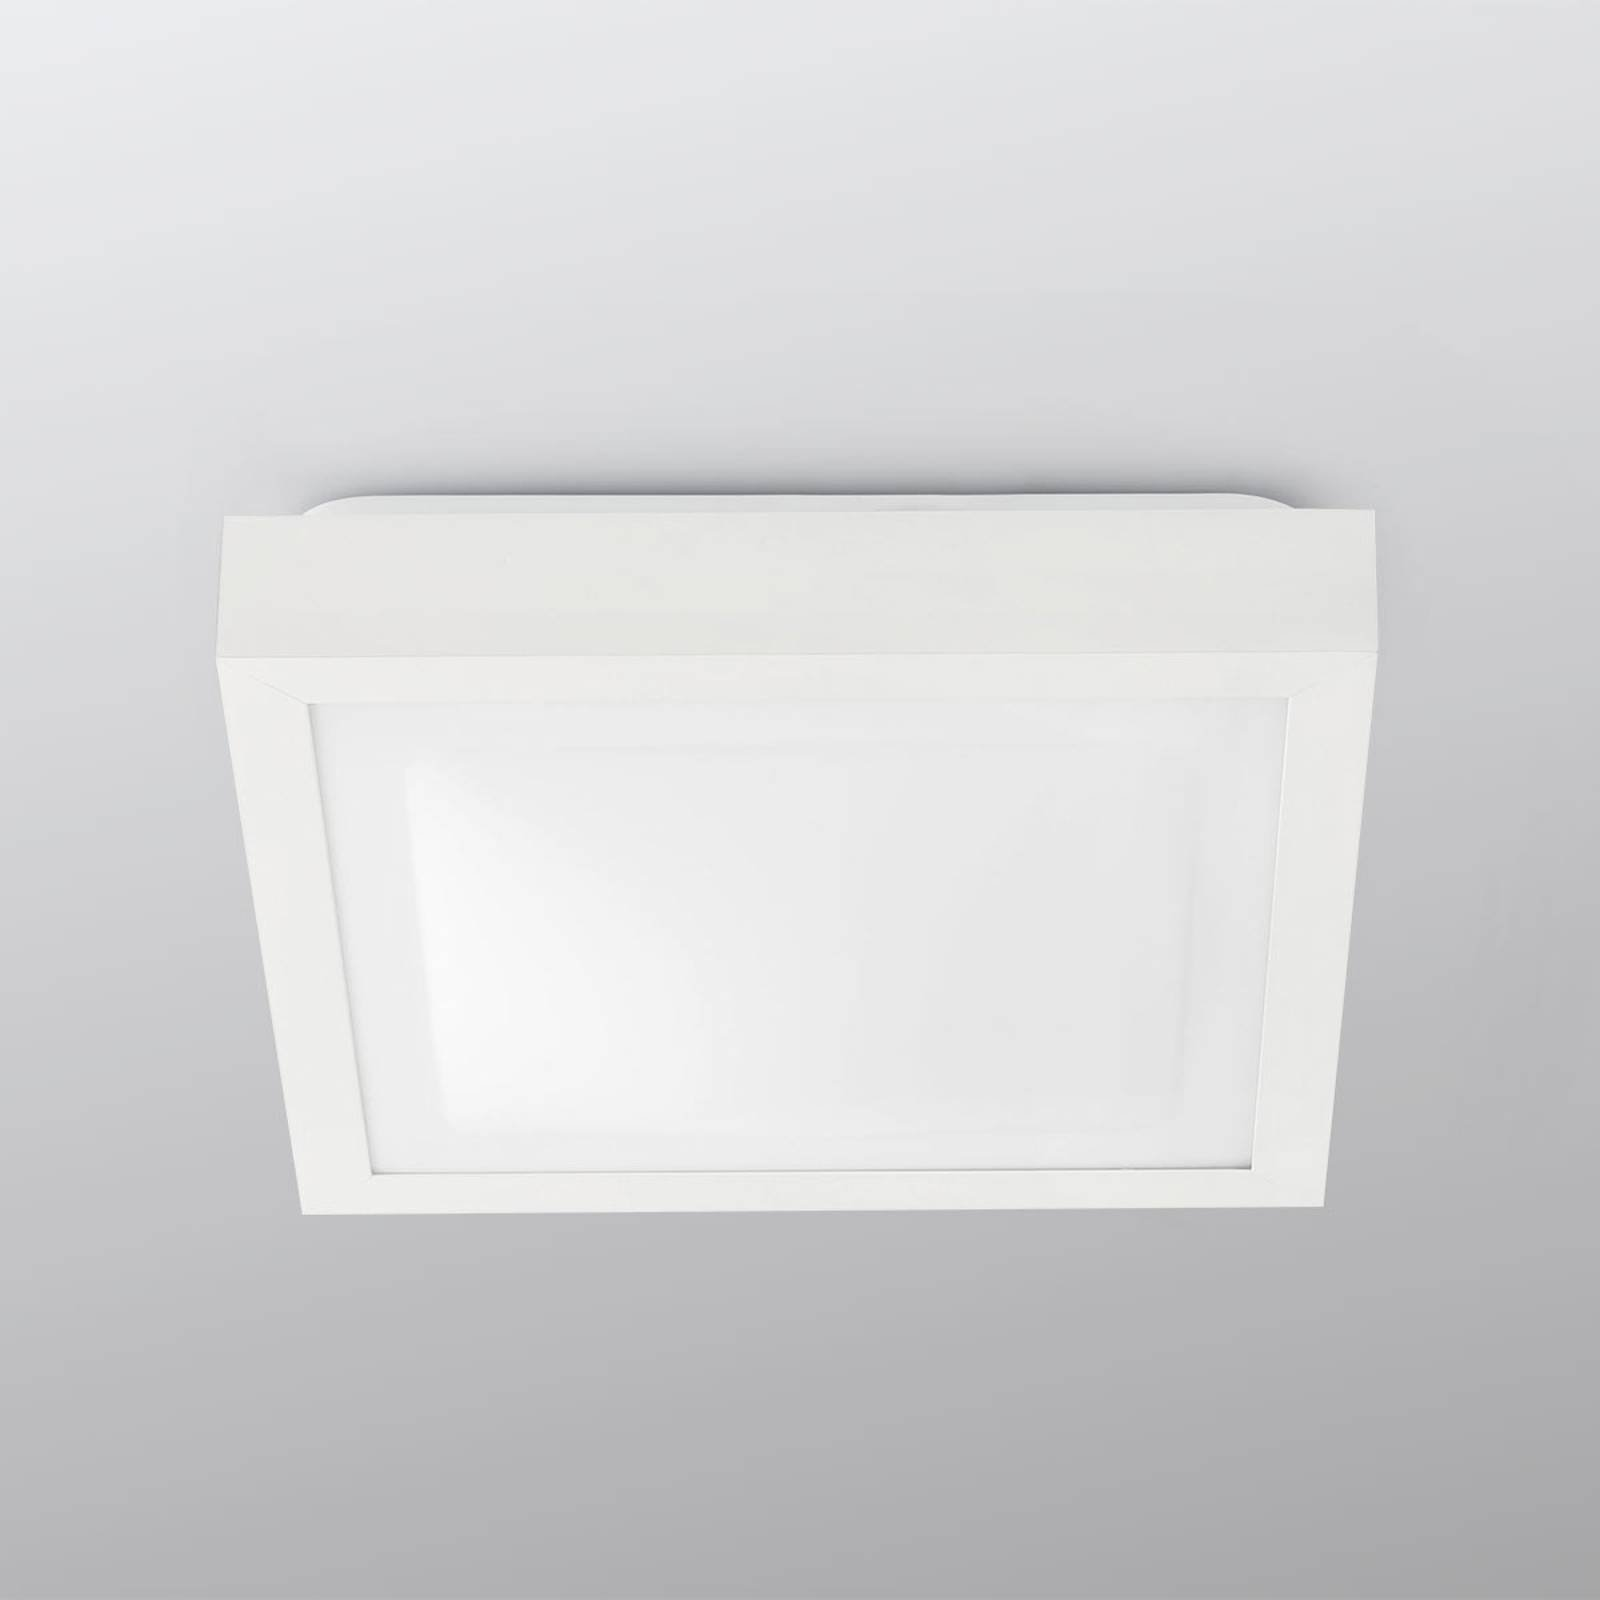 Kvadratisk taklampe Tola til badet